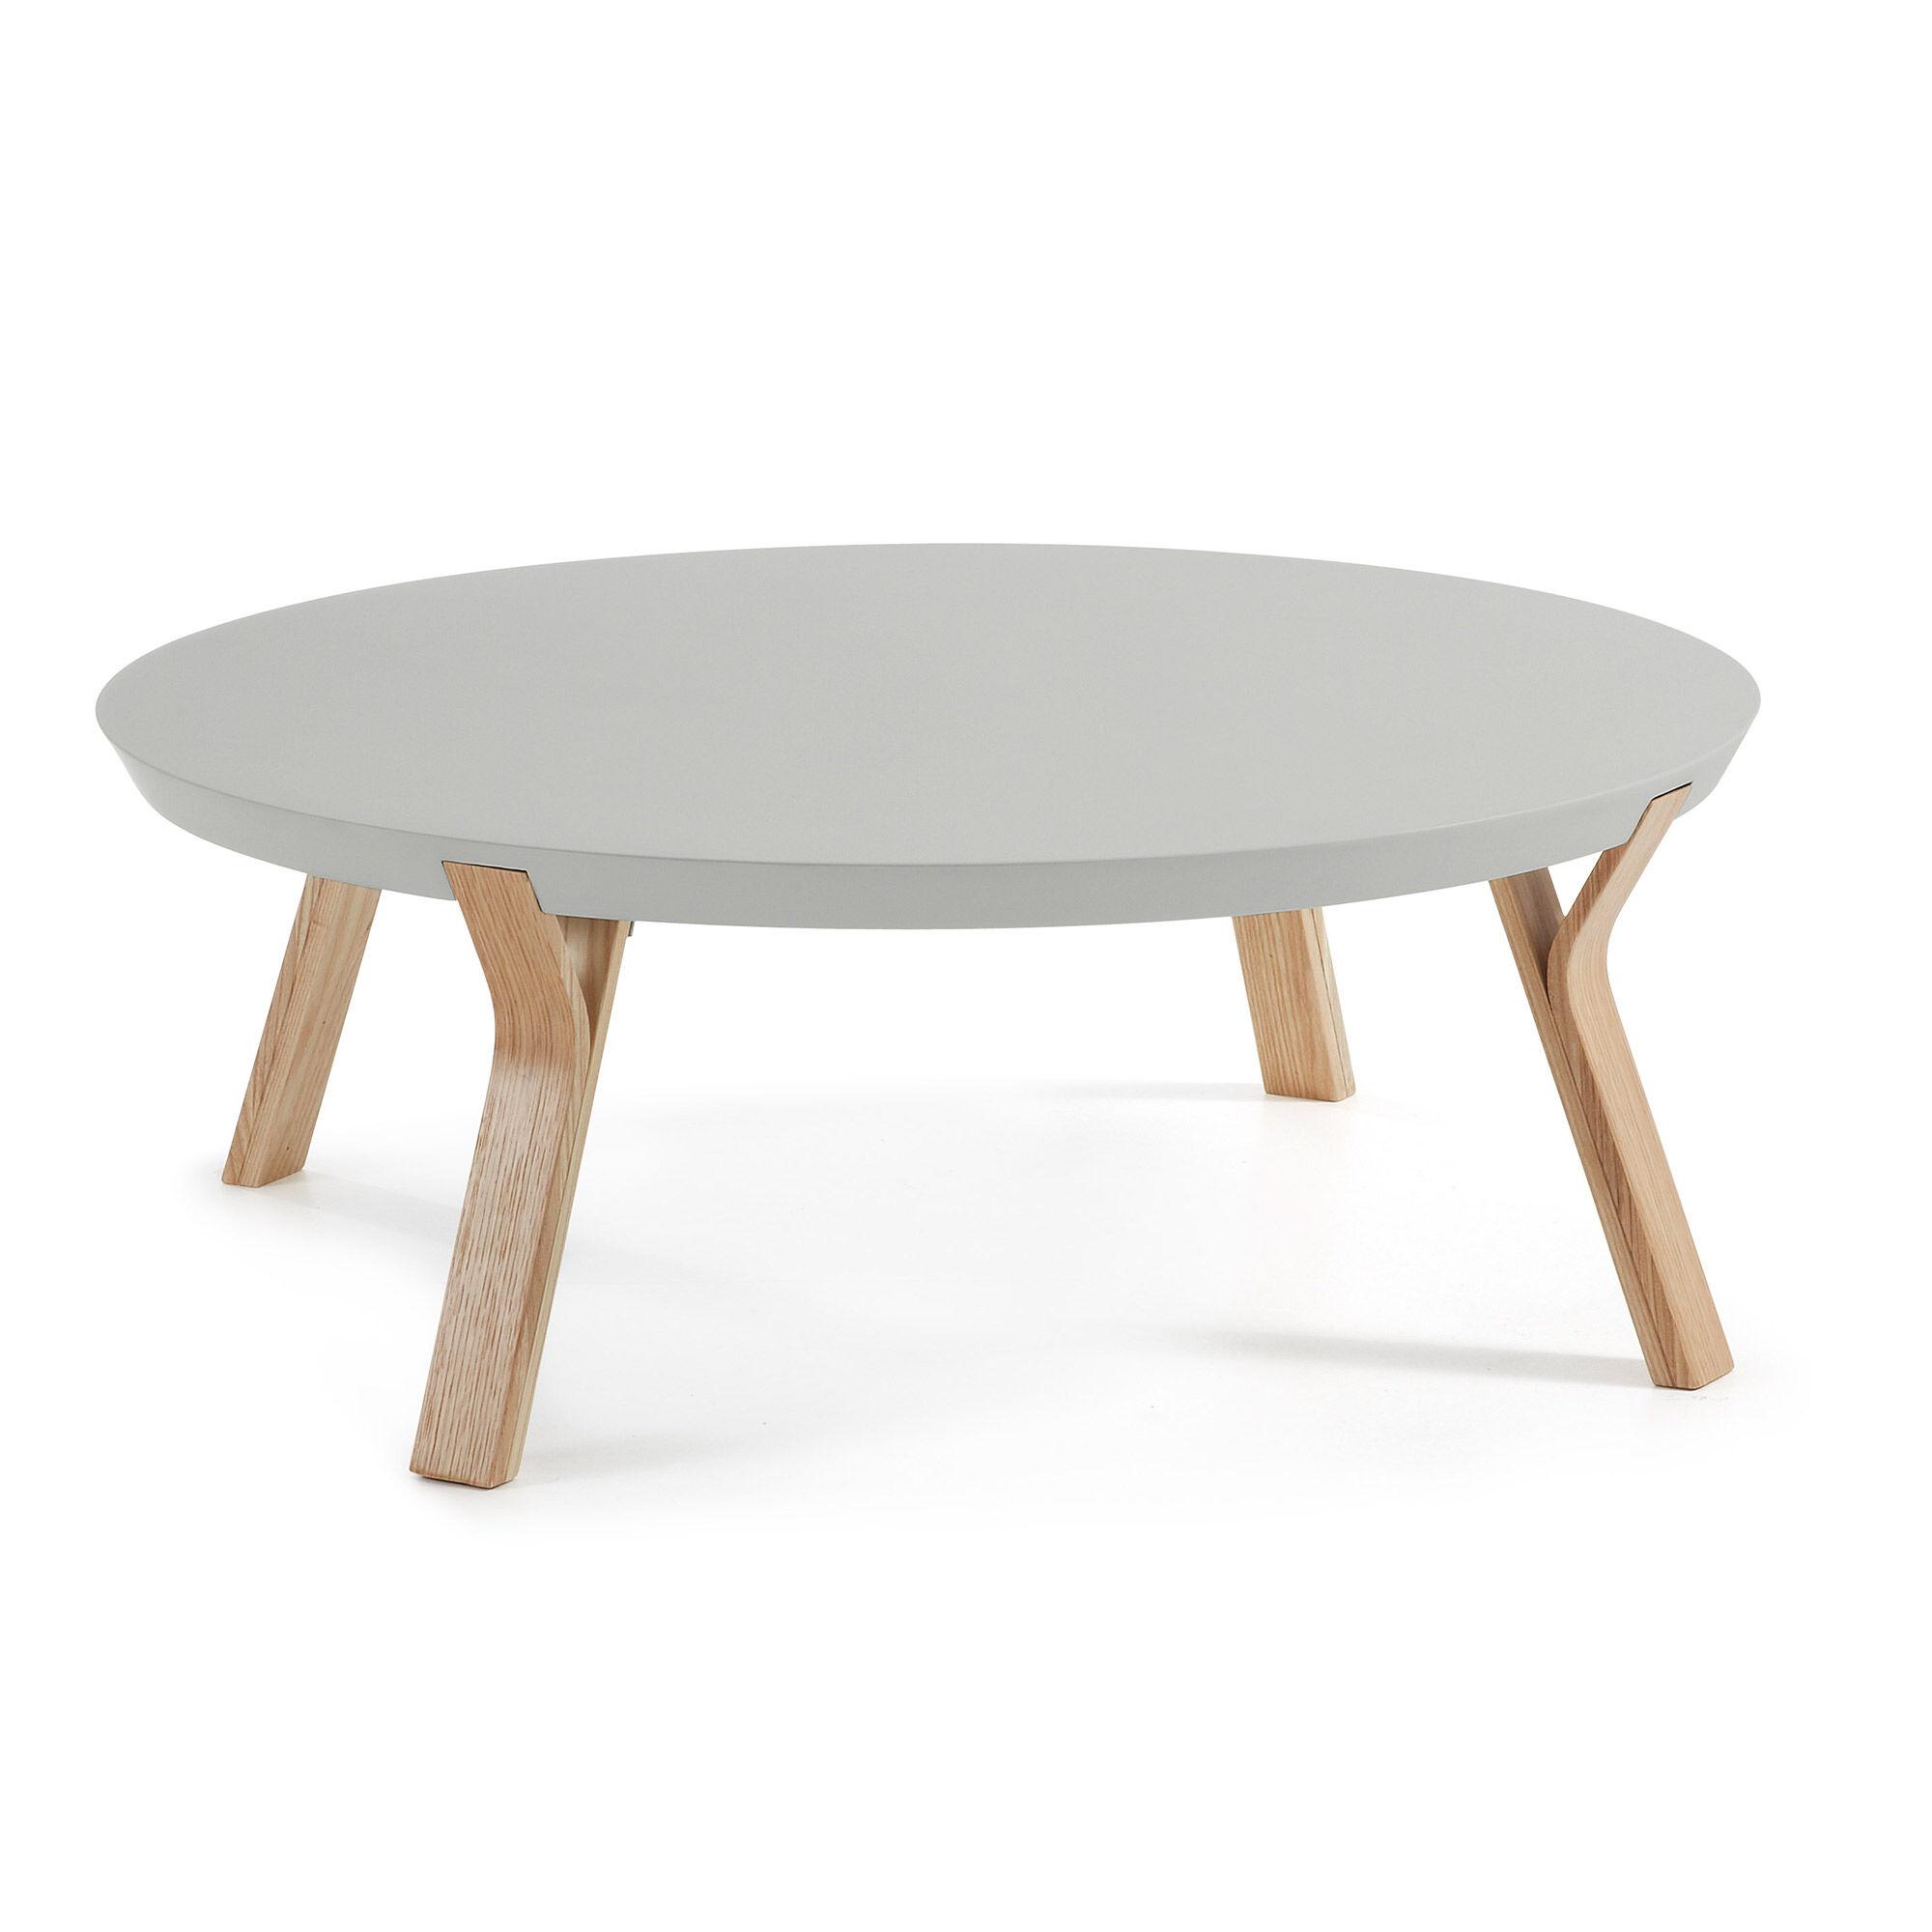 Kave Home Tavolino Dilos Ø 90 cm grigio e frassino